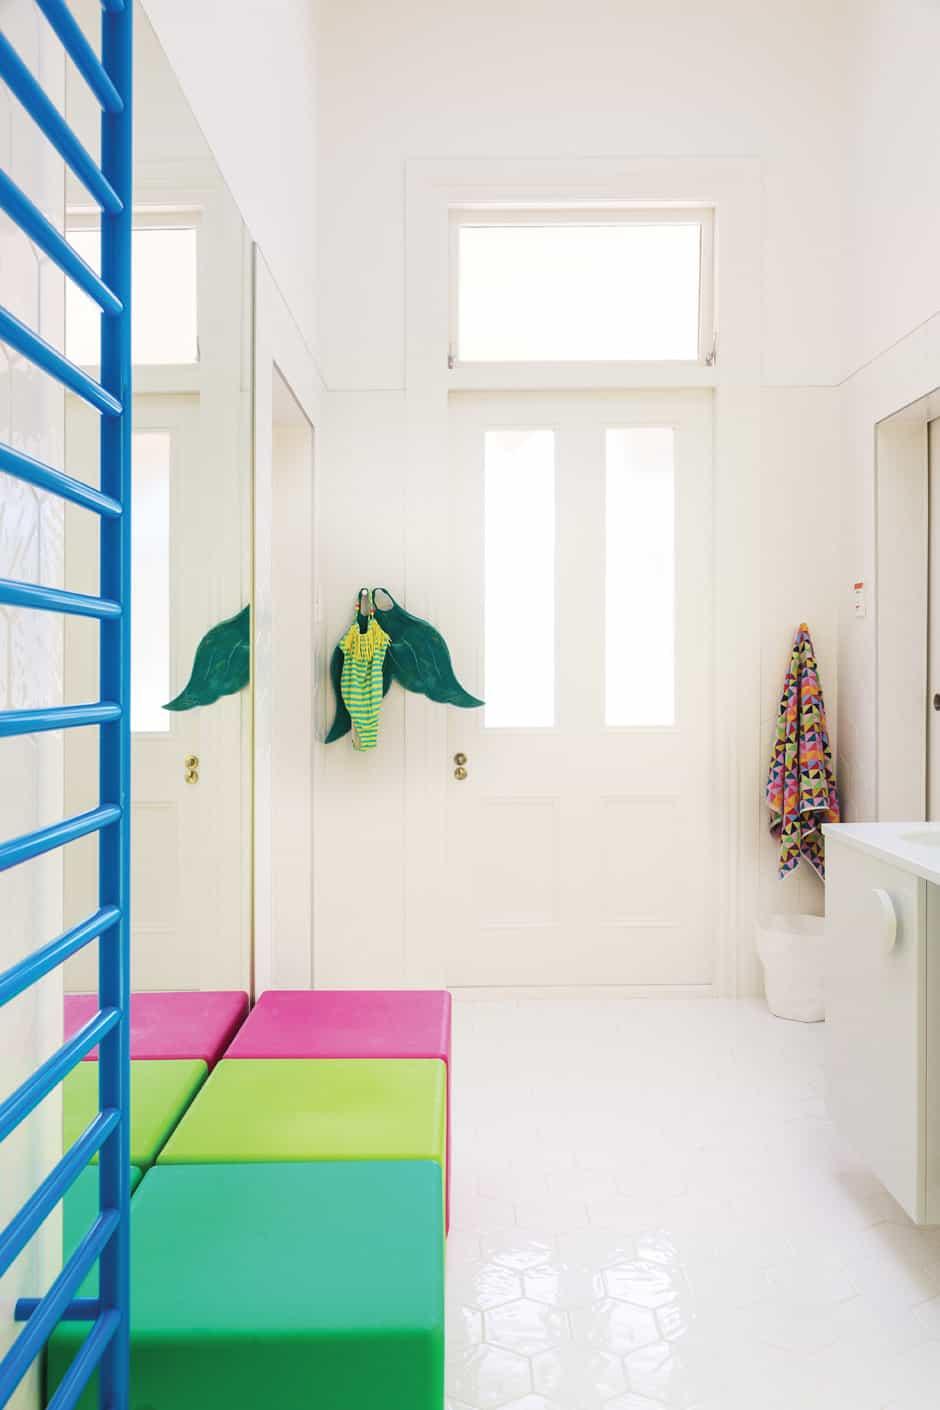 alex_fulton_bathroom_homestyle_8